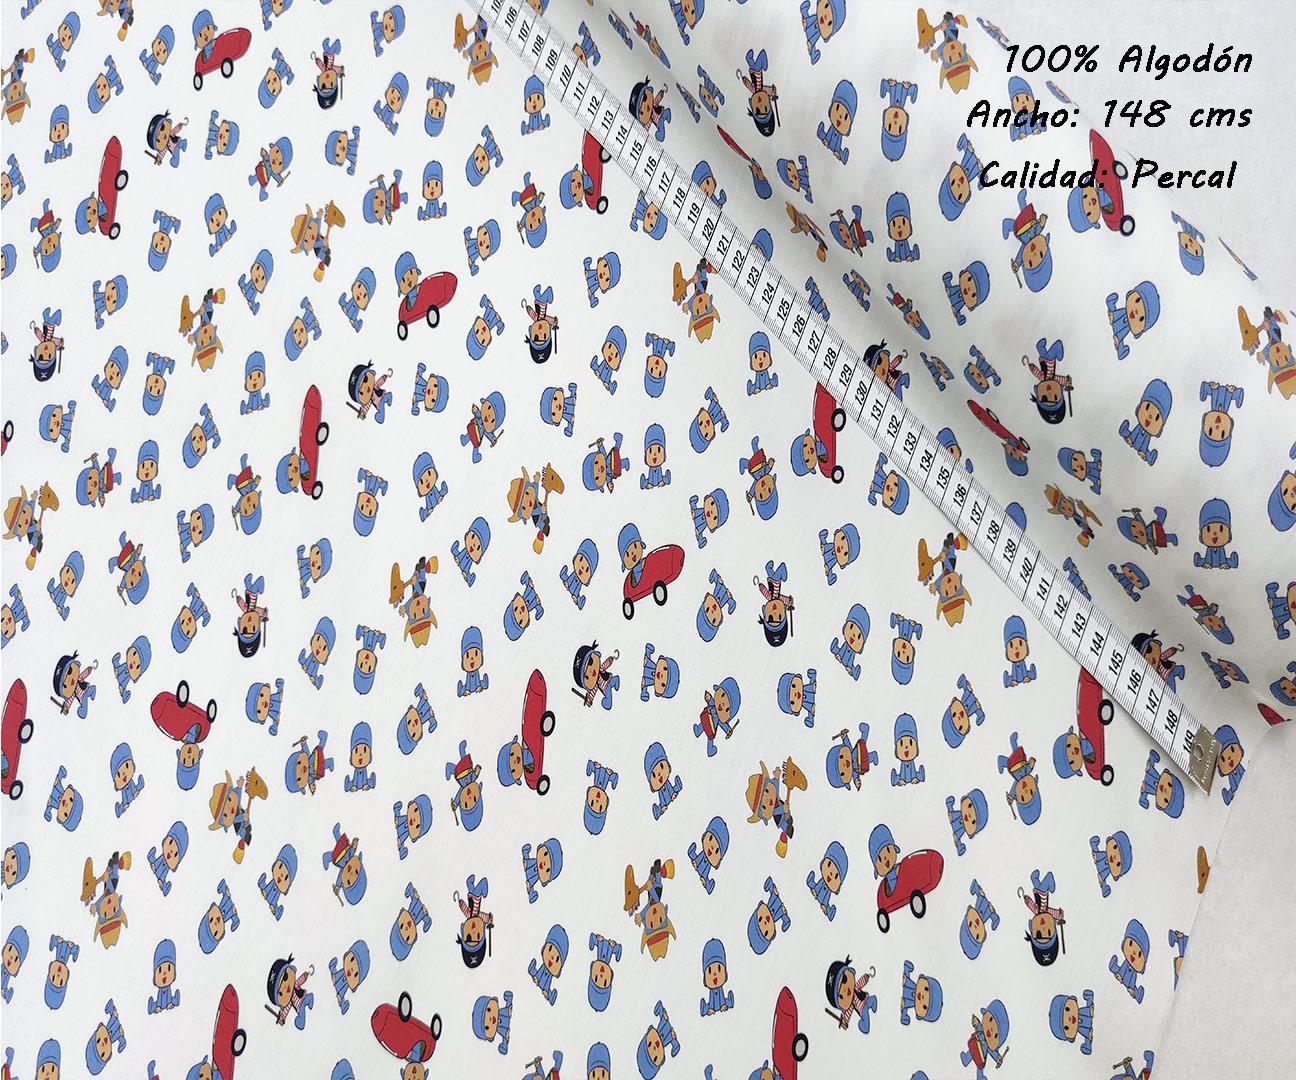 L47-pocoyo-disfraces-superheroes-americano-tejidos-algodón-estampado-percal,estampados originales con licencia,Tejido Estampado Pocoyó Disfraces